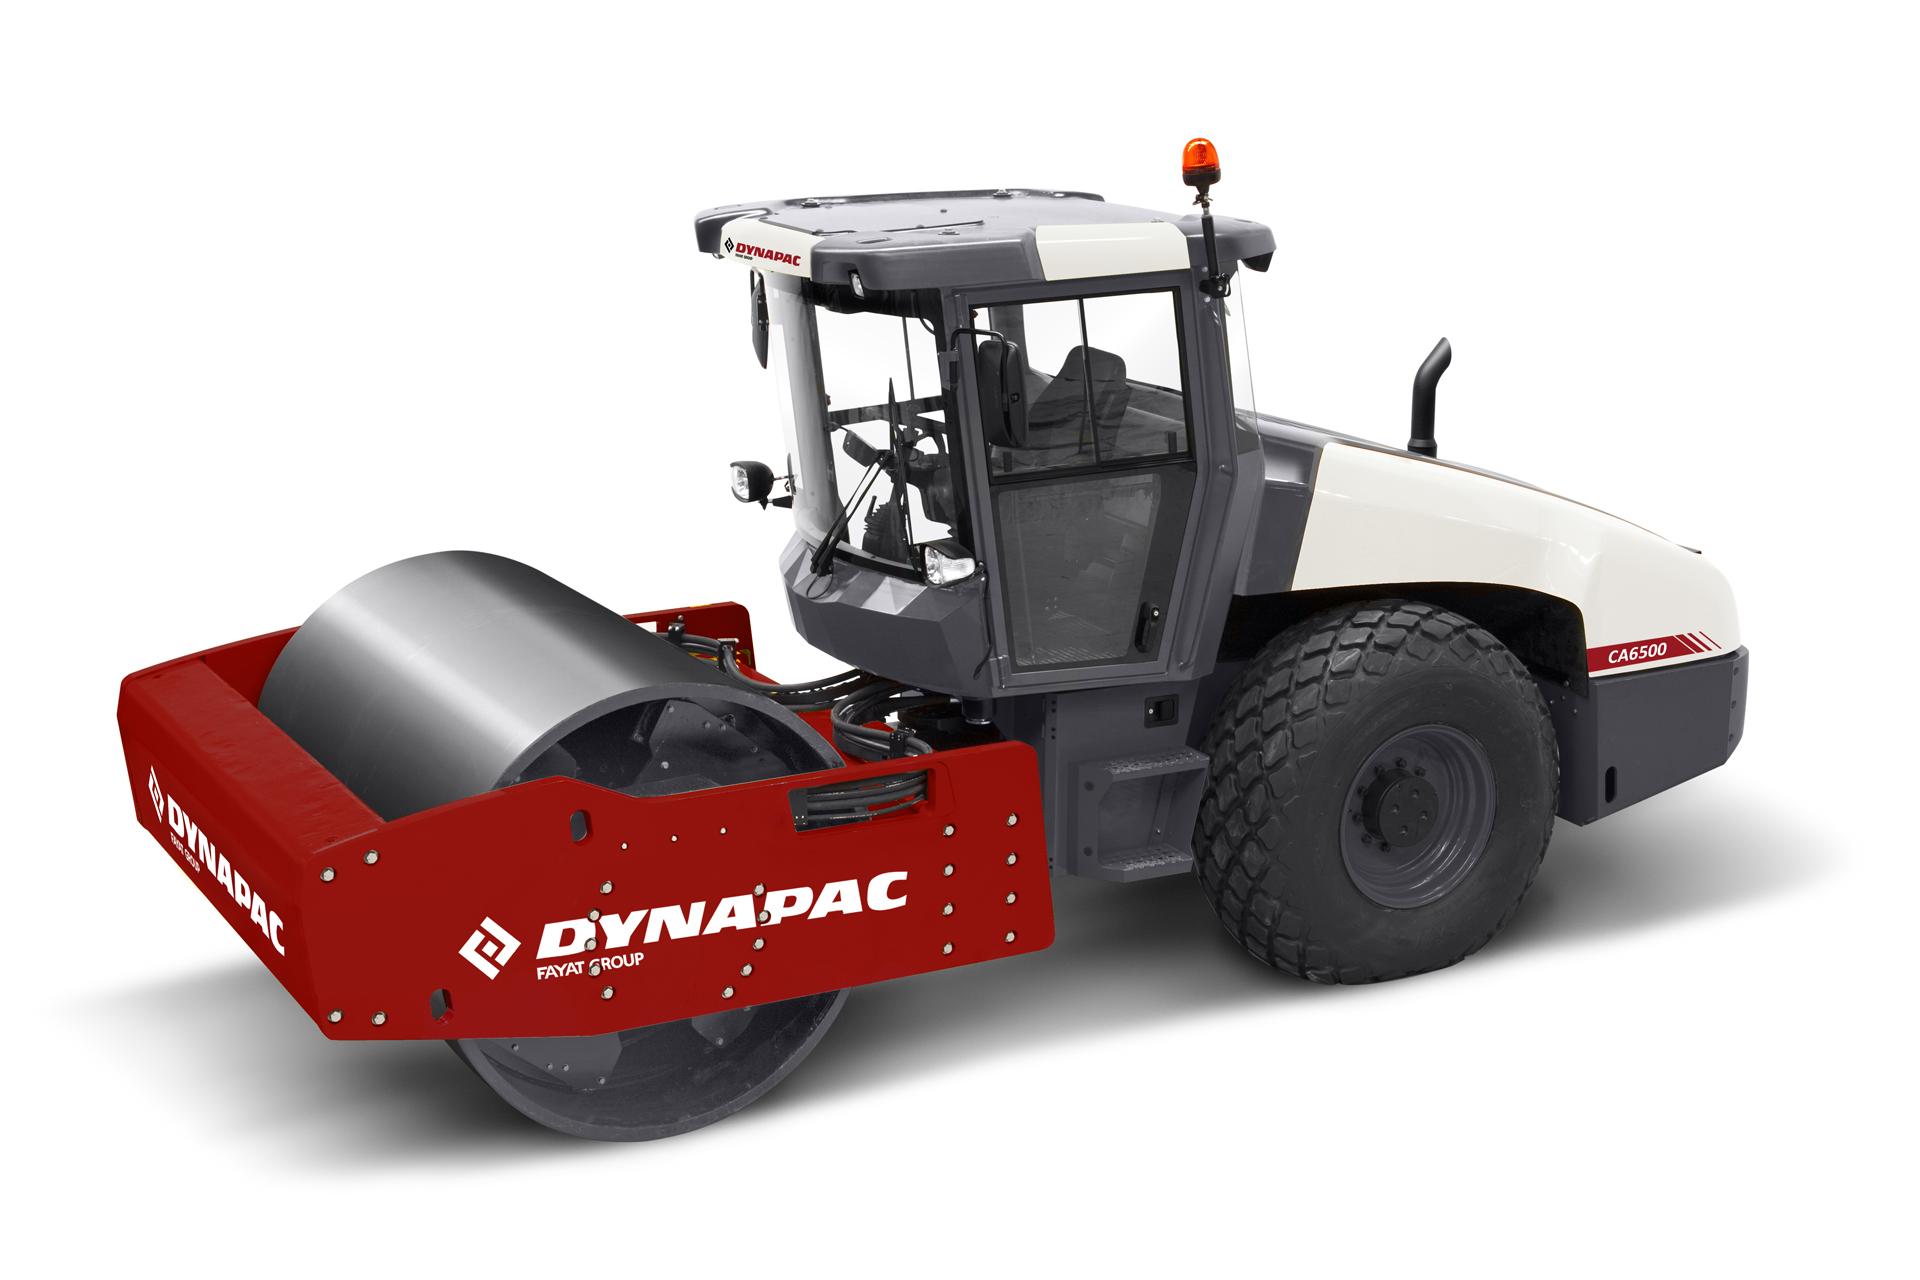 Dynapac Dynapac CA6500D